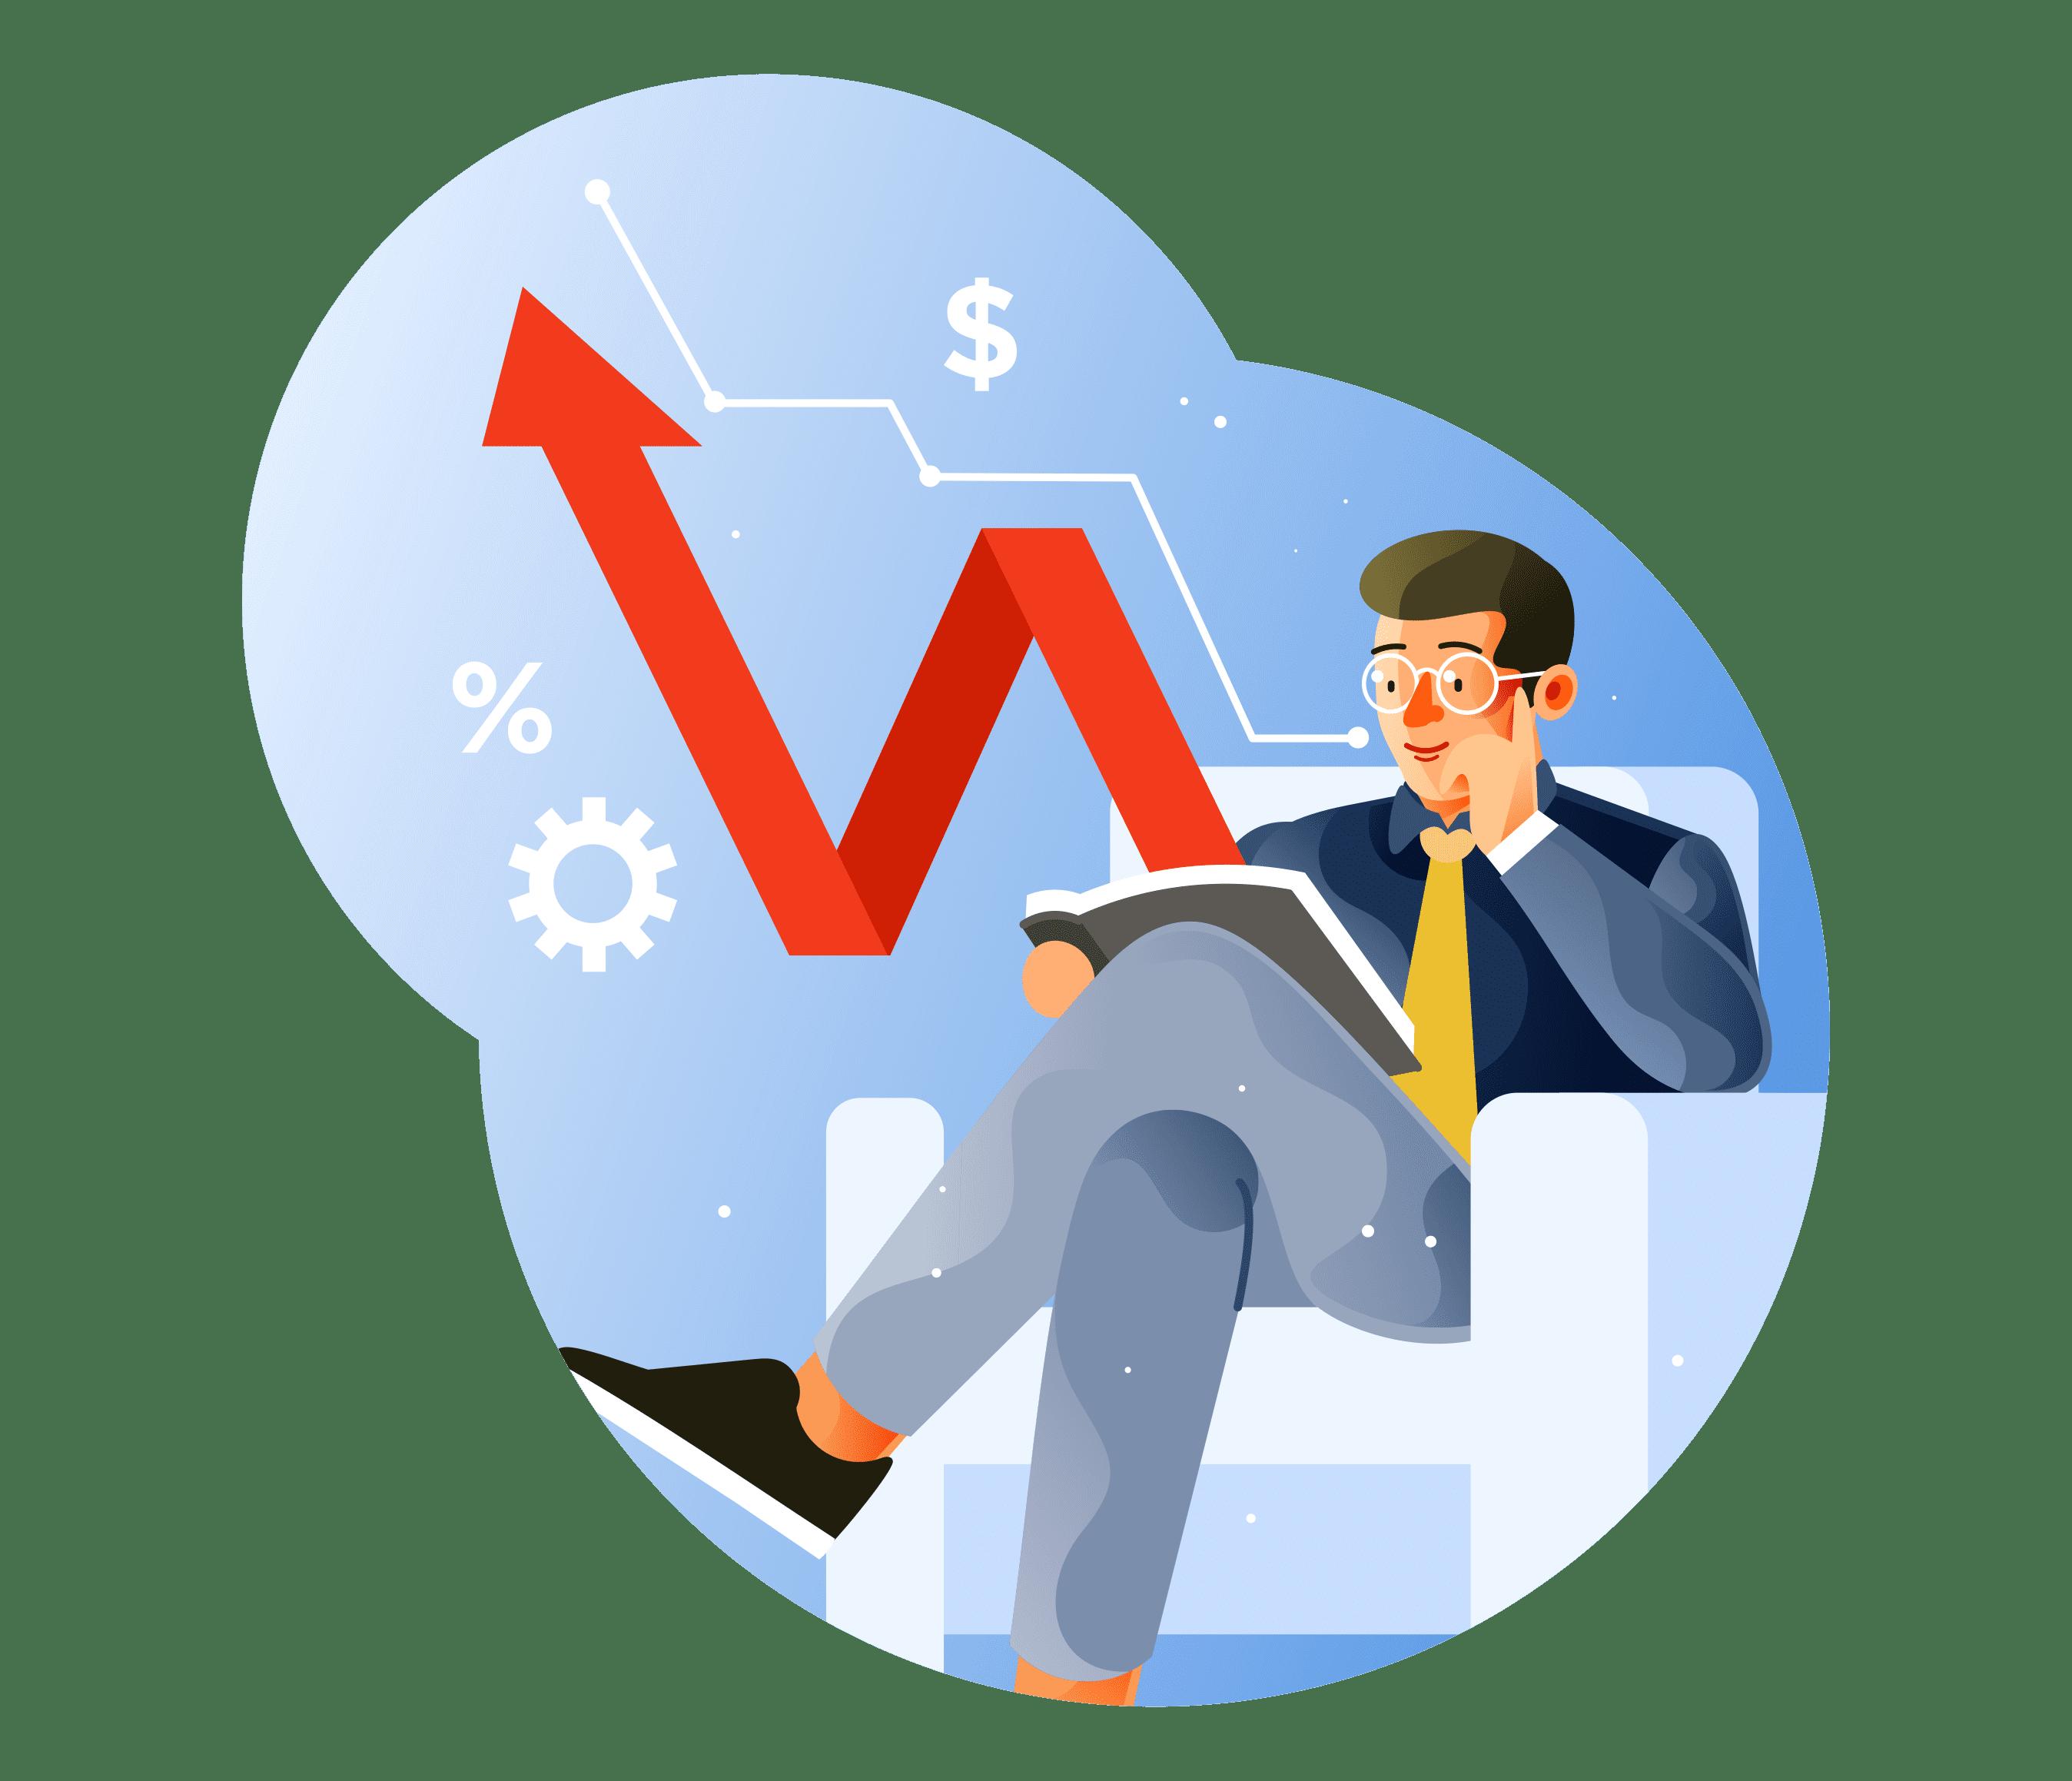 Indicadores Financeiros - Homem Analisando Dados Fiananceiros